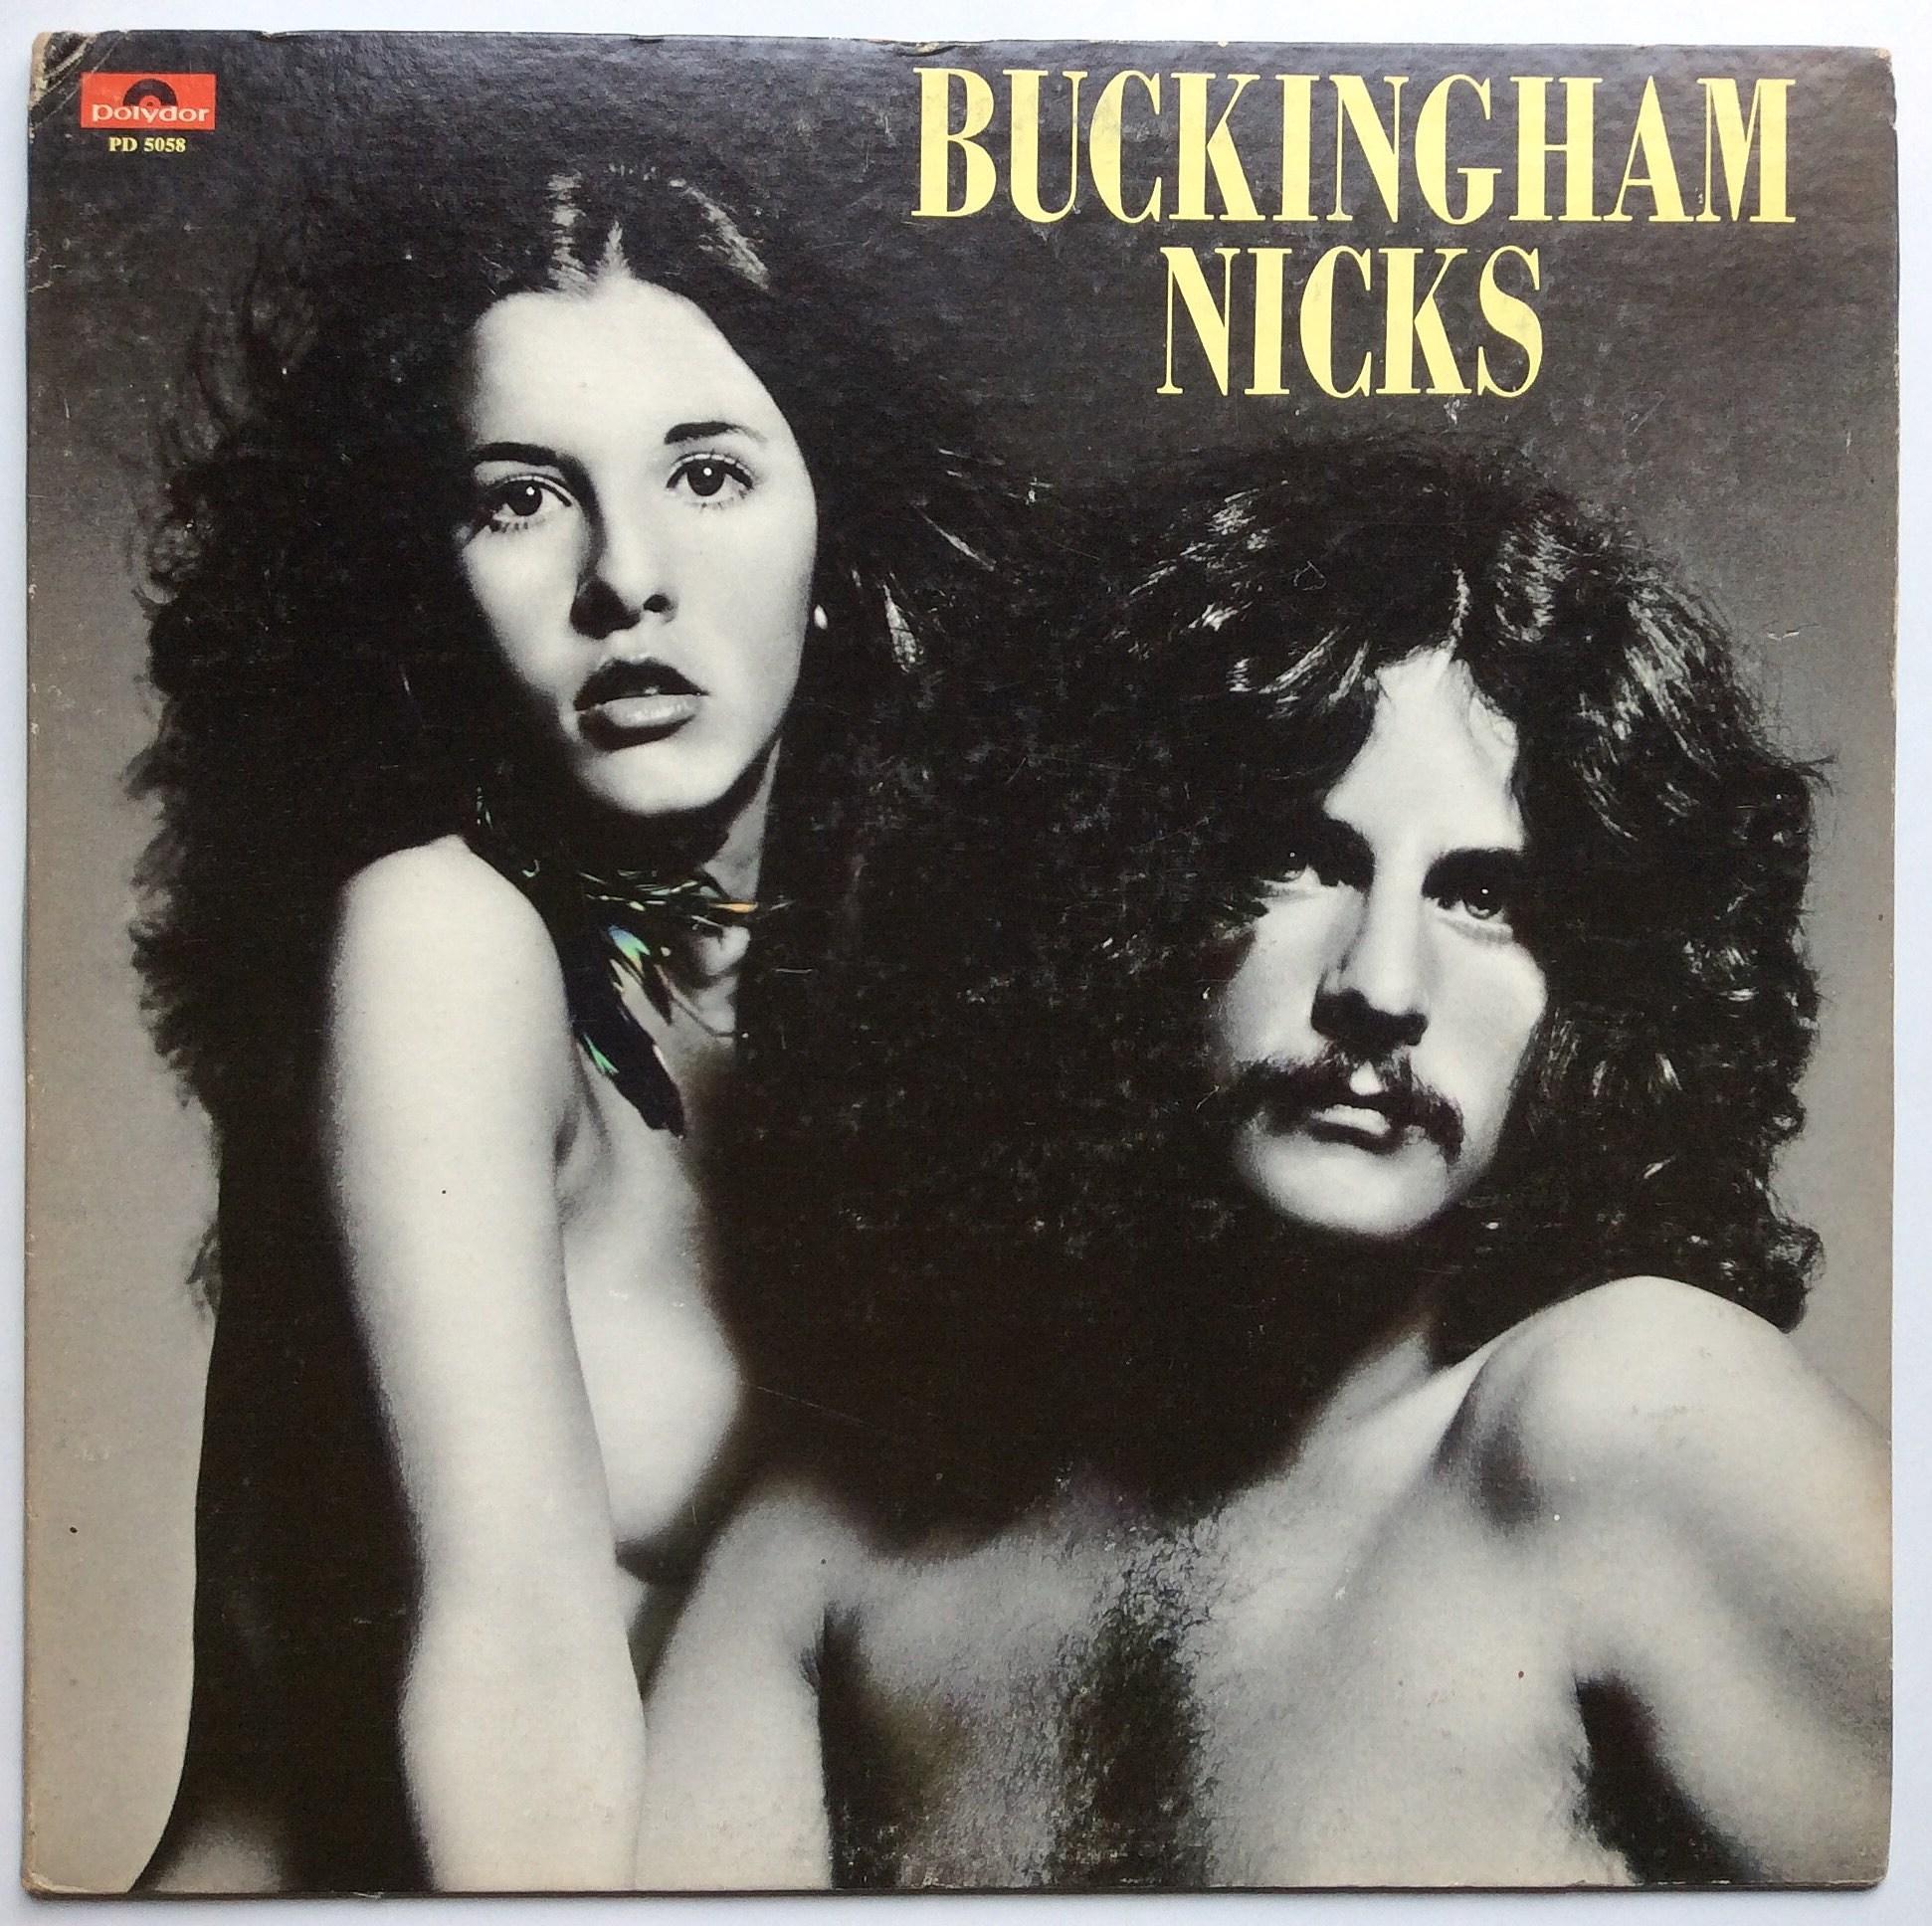 Buckingham Nicks, 1973. (Craig Allen photo).